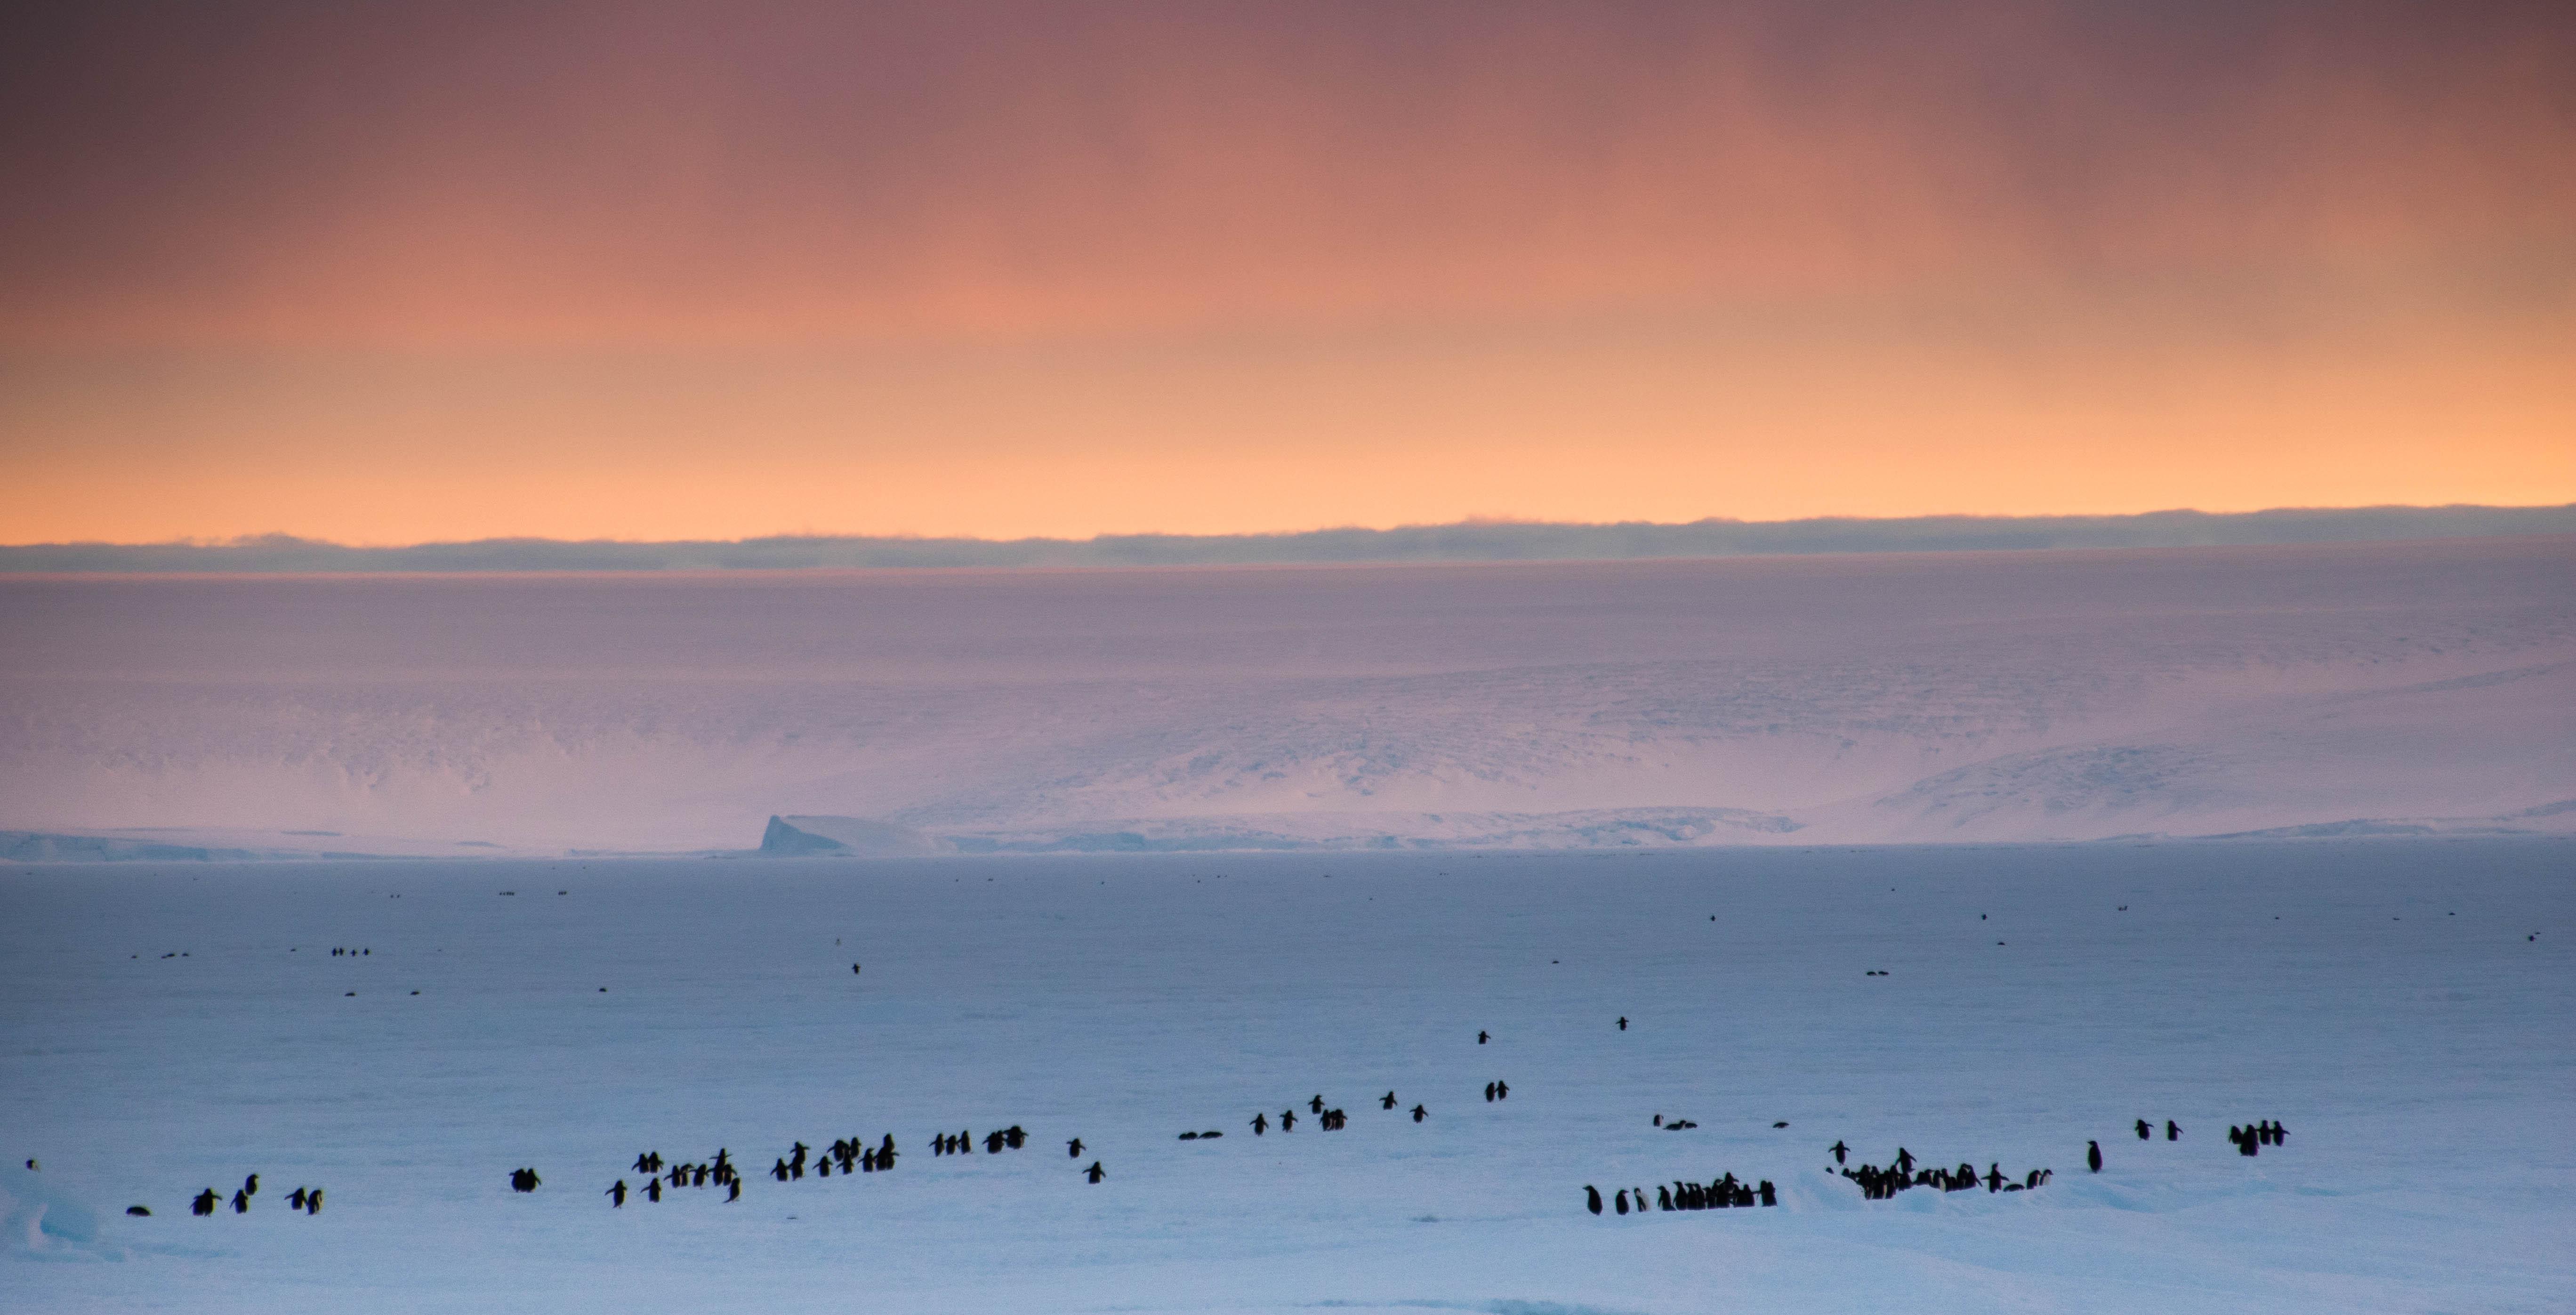 Spectacular sunset in Antarctica